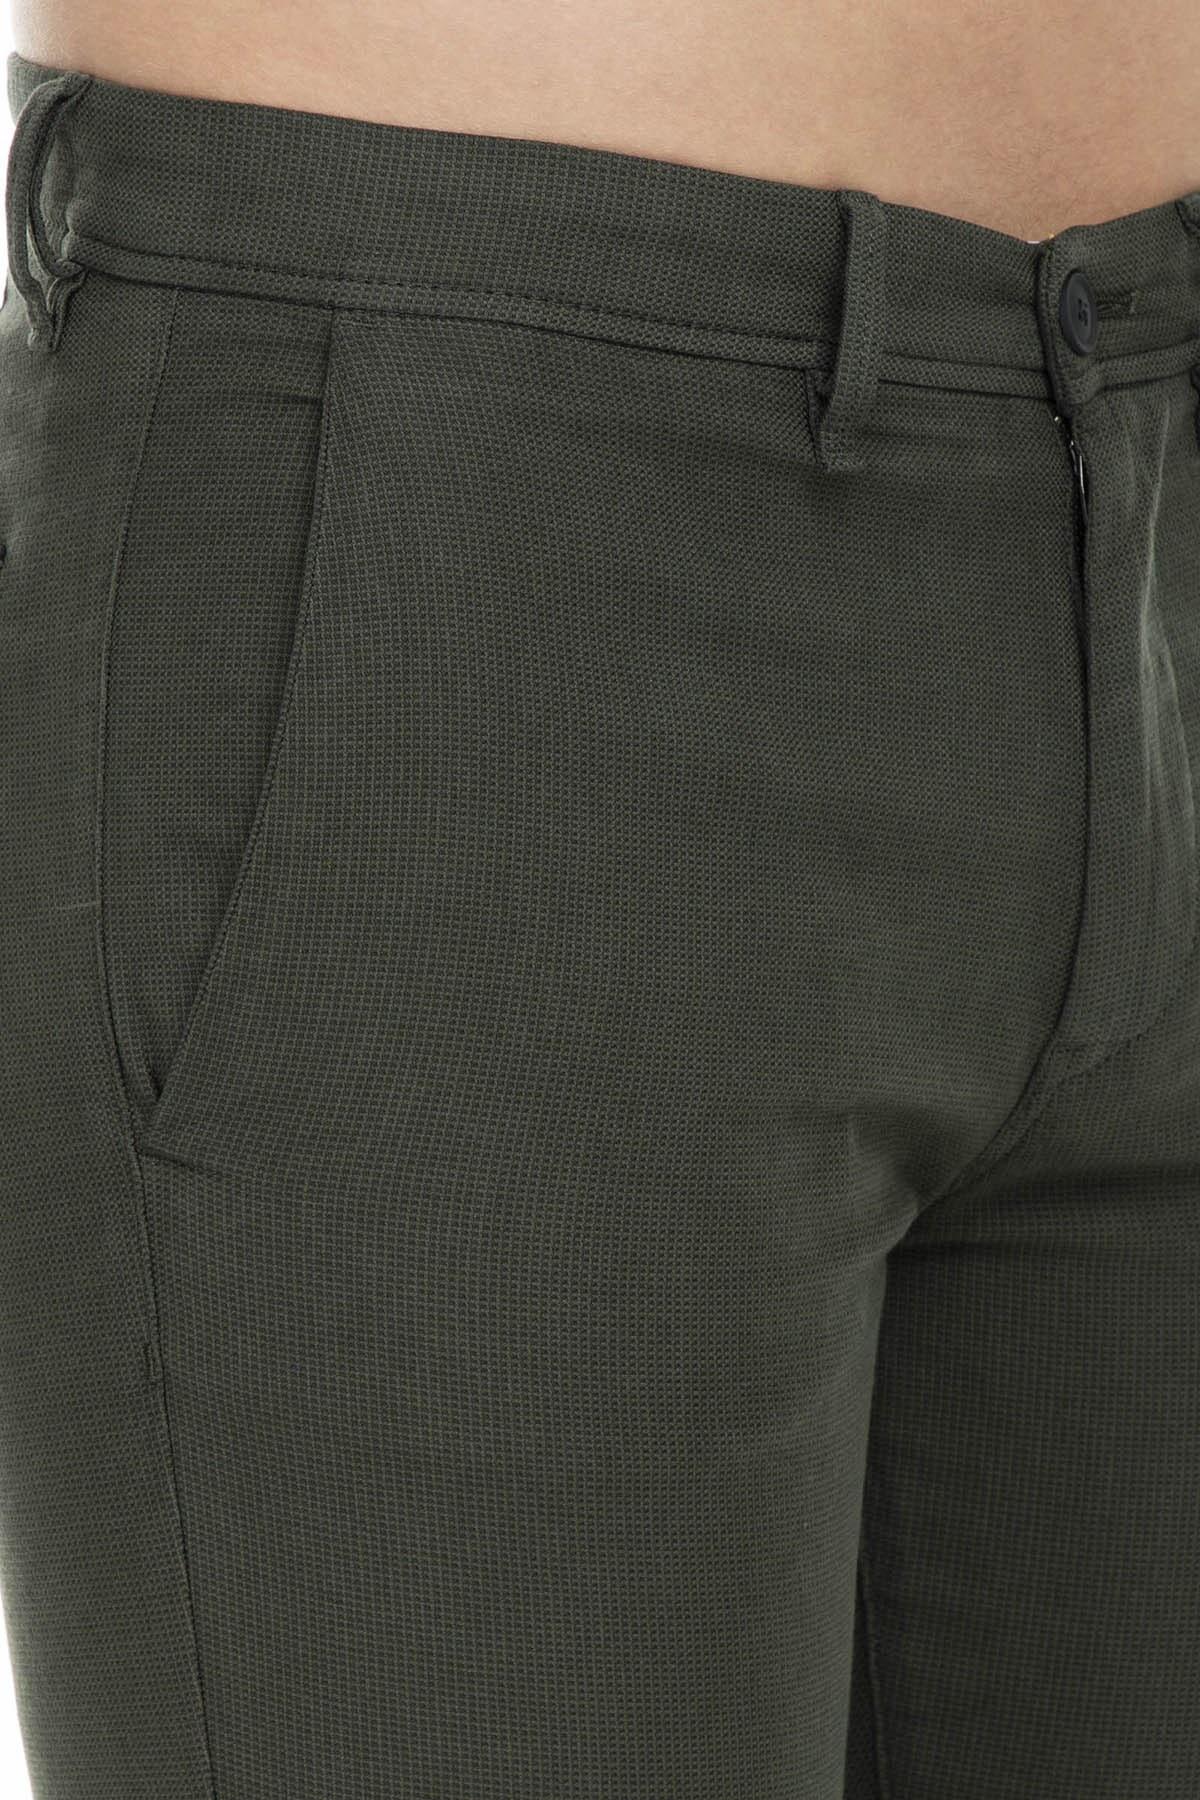 Hugo Boss Erkek Pantolon 50406406 346 YEŞİL